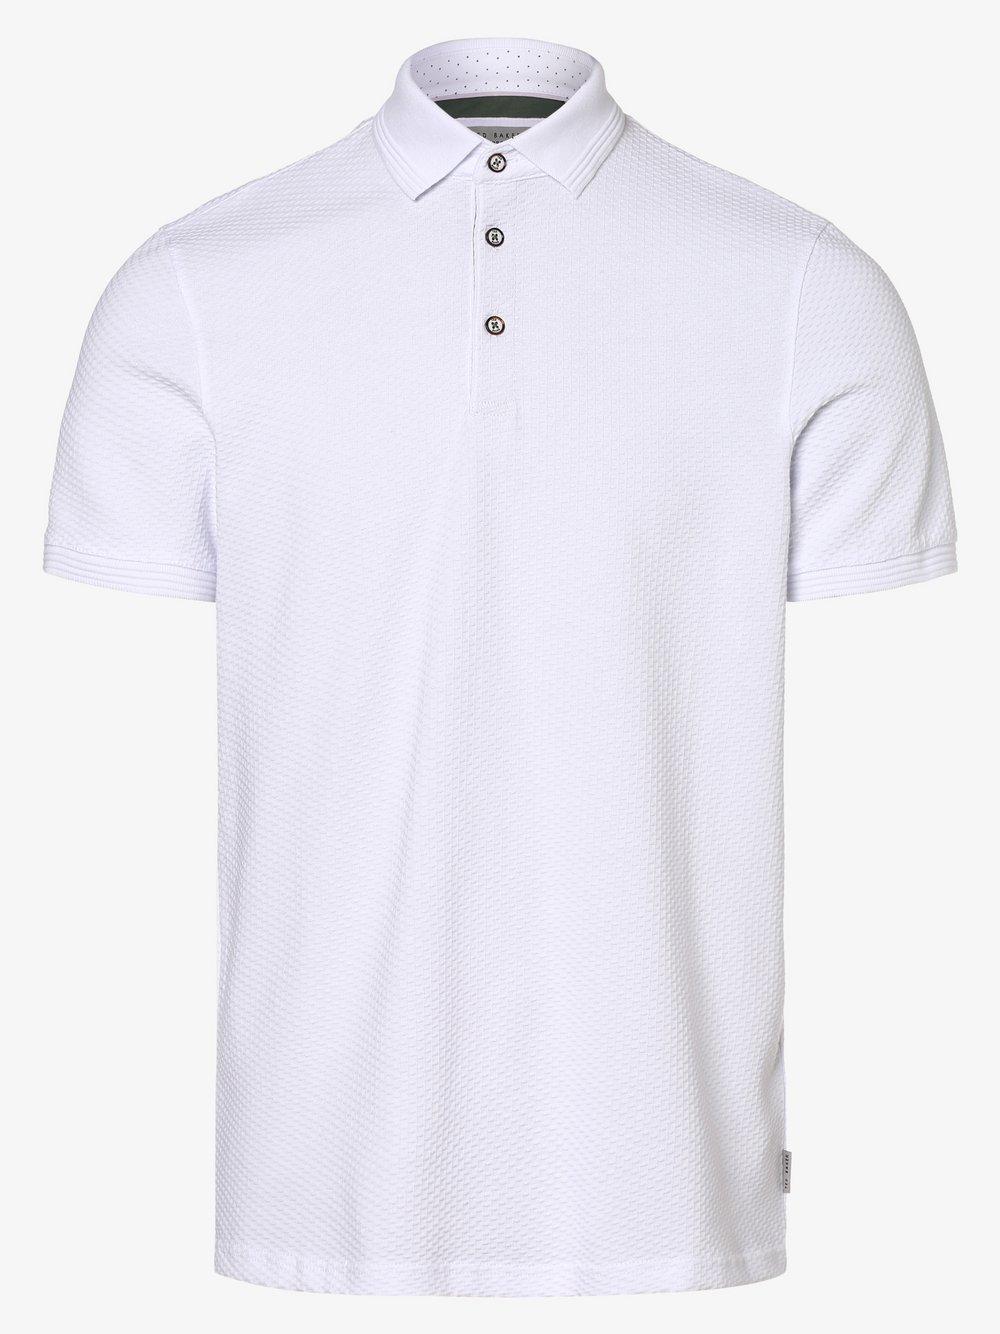 Ted Baker – Męska koszulka polo – Infuse, biały Van Graaf 463316-0001-09990